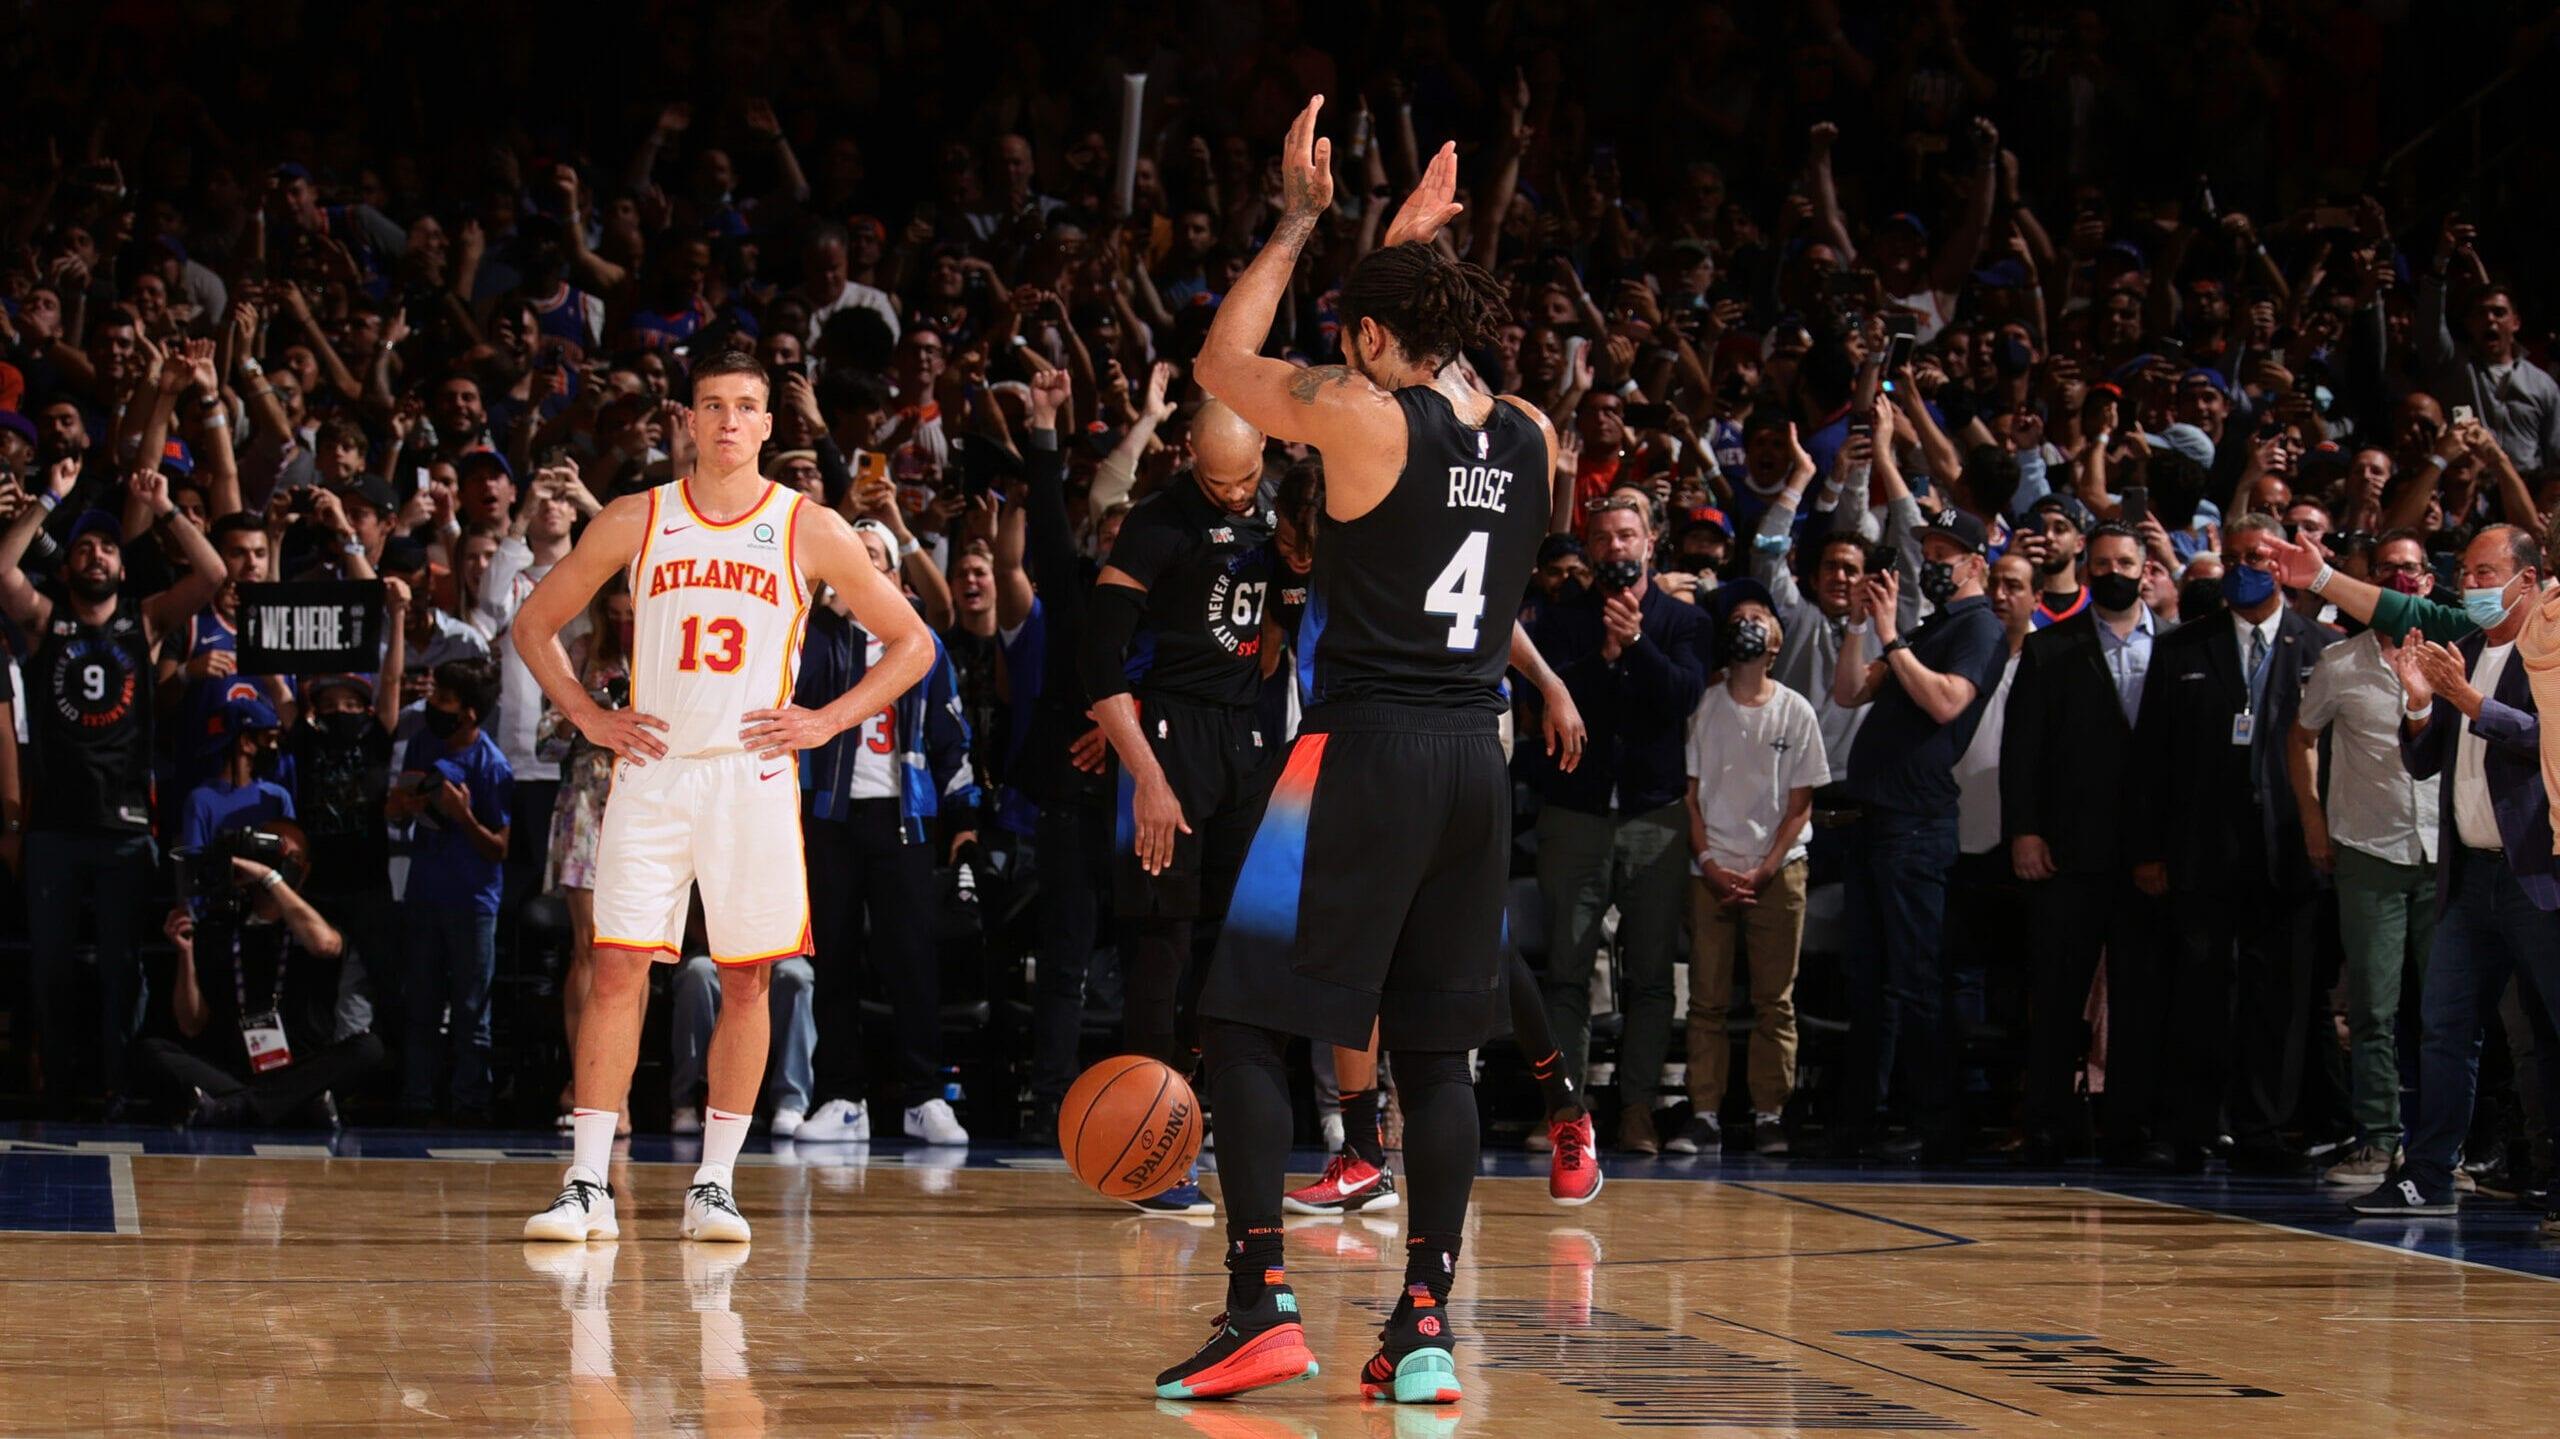 Garden gets rockin' as Knicks deliver emotional win